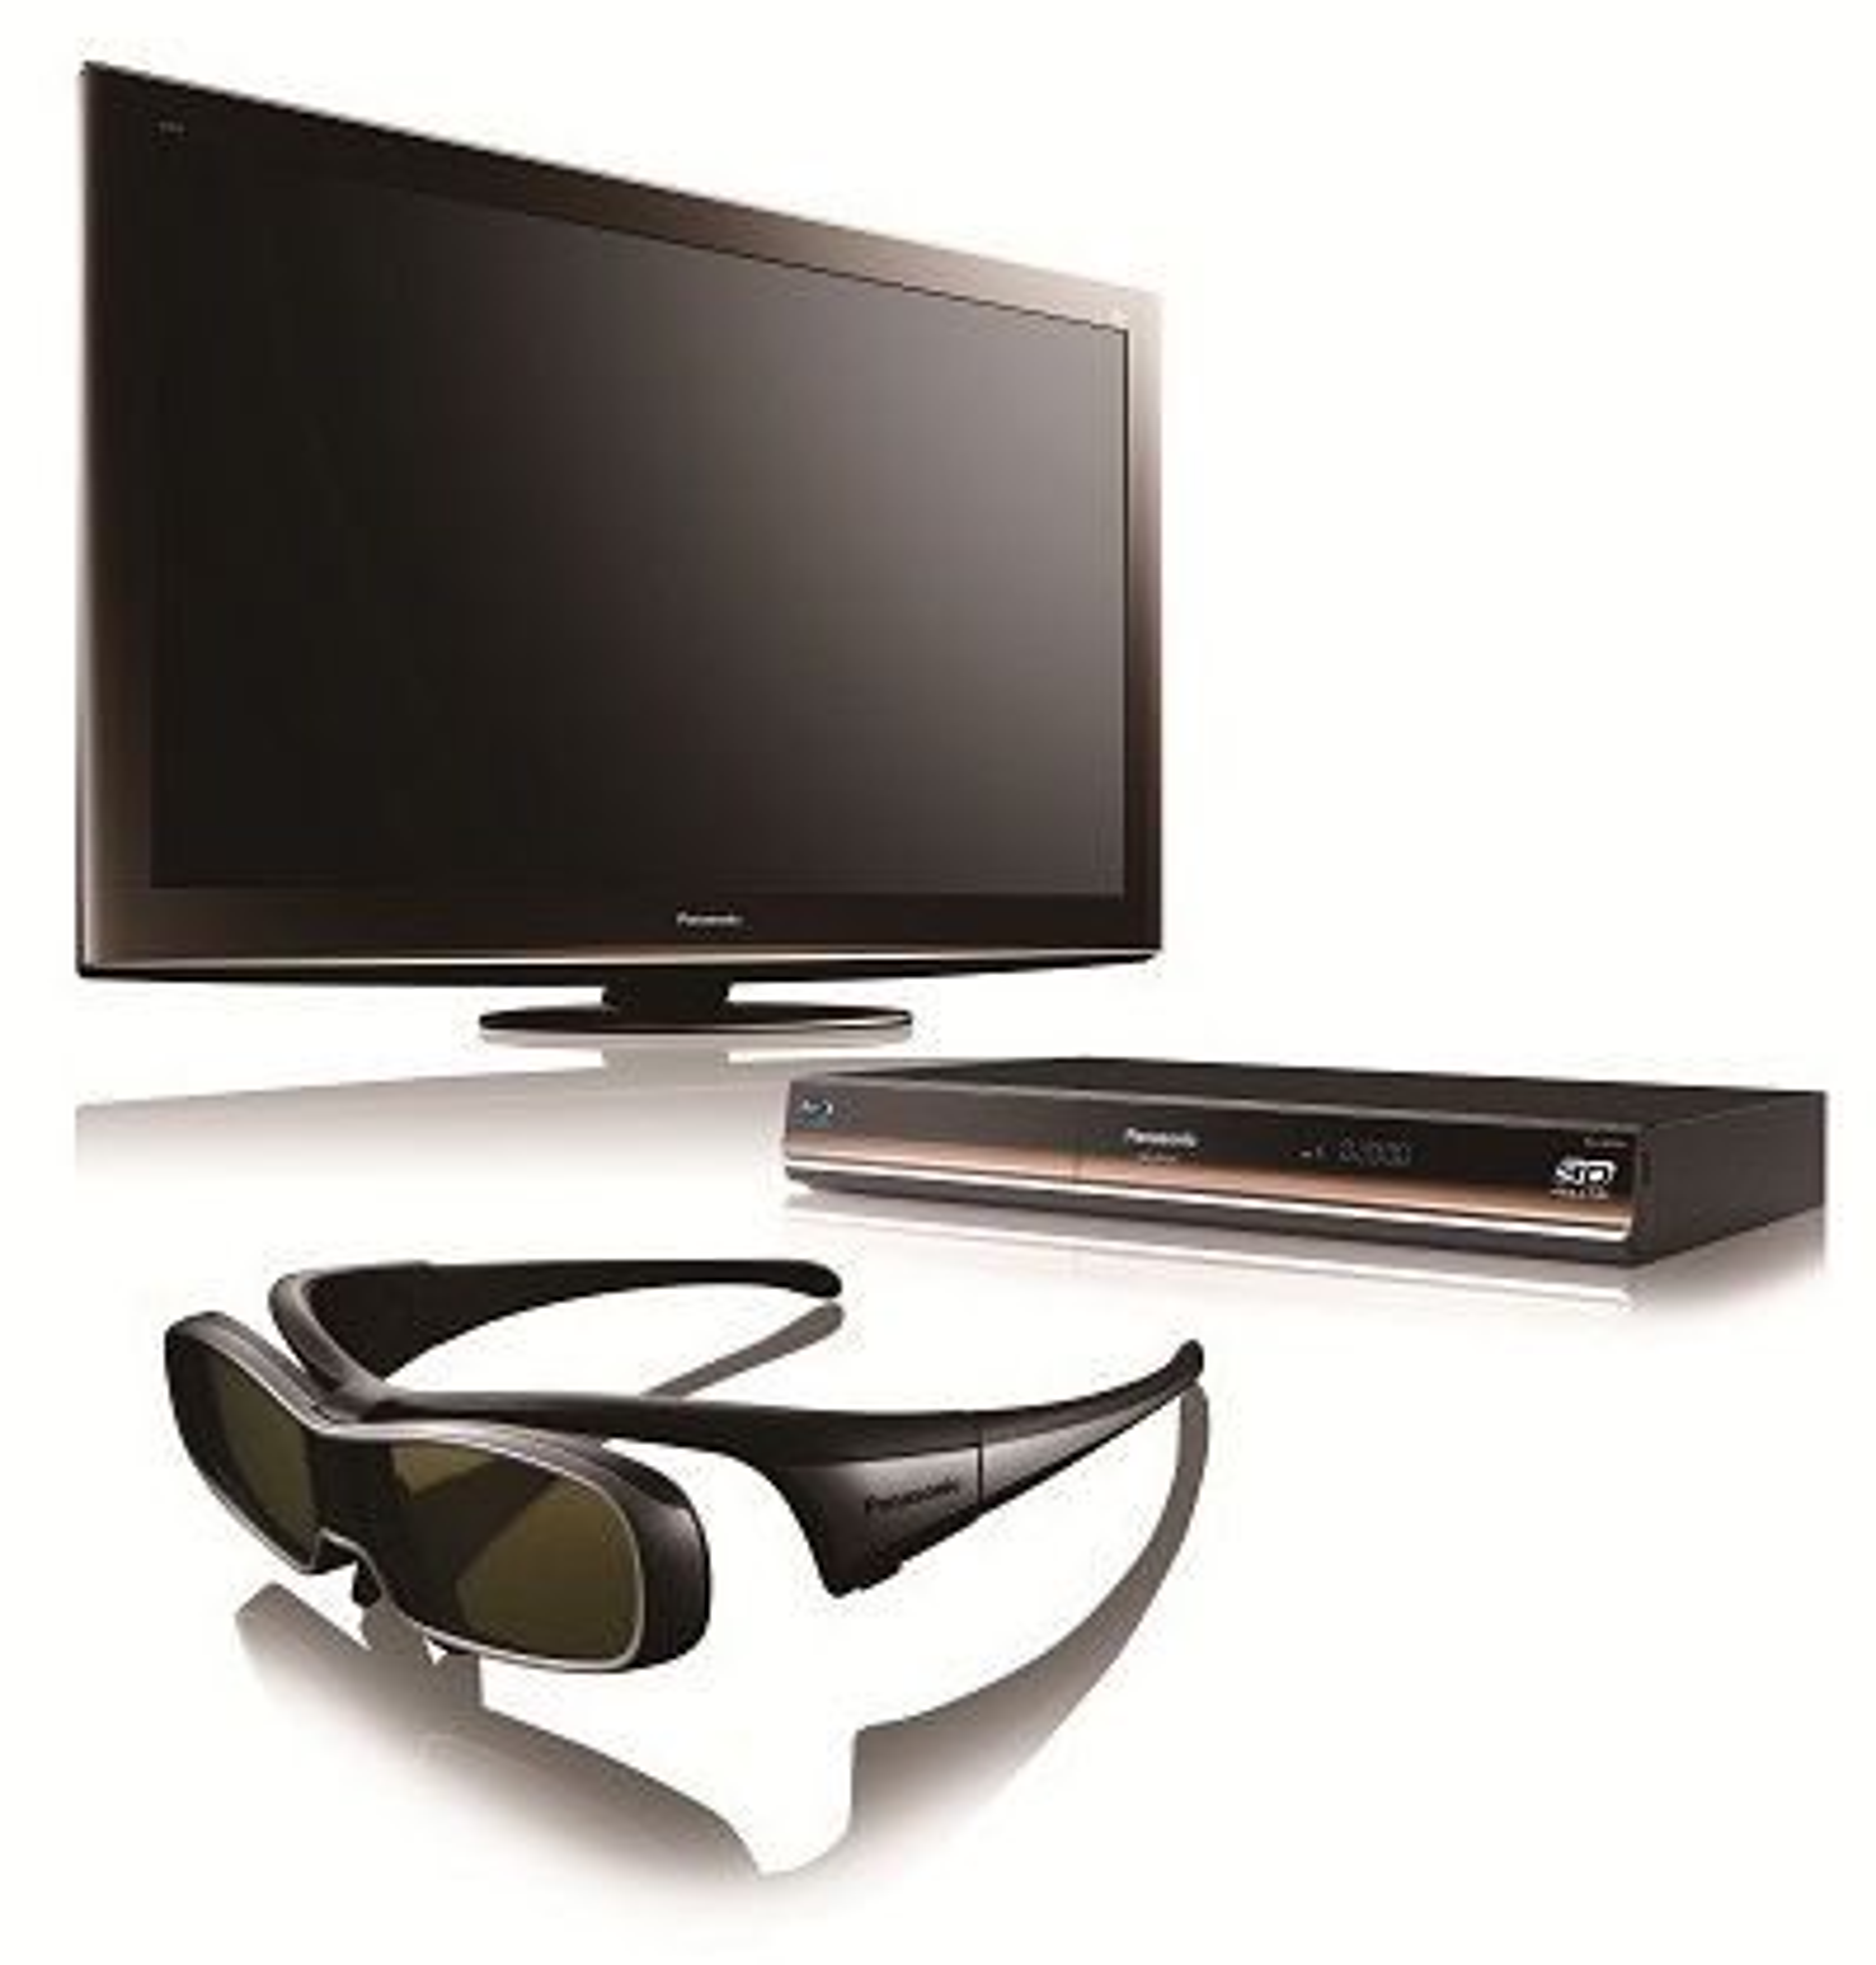 Et knippe 3D-relaterte produkter fra Panasonic